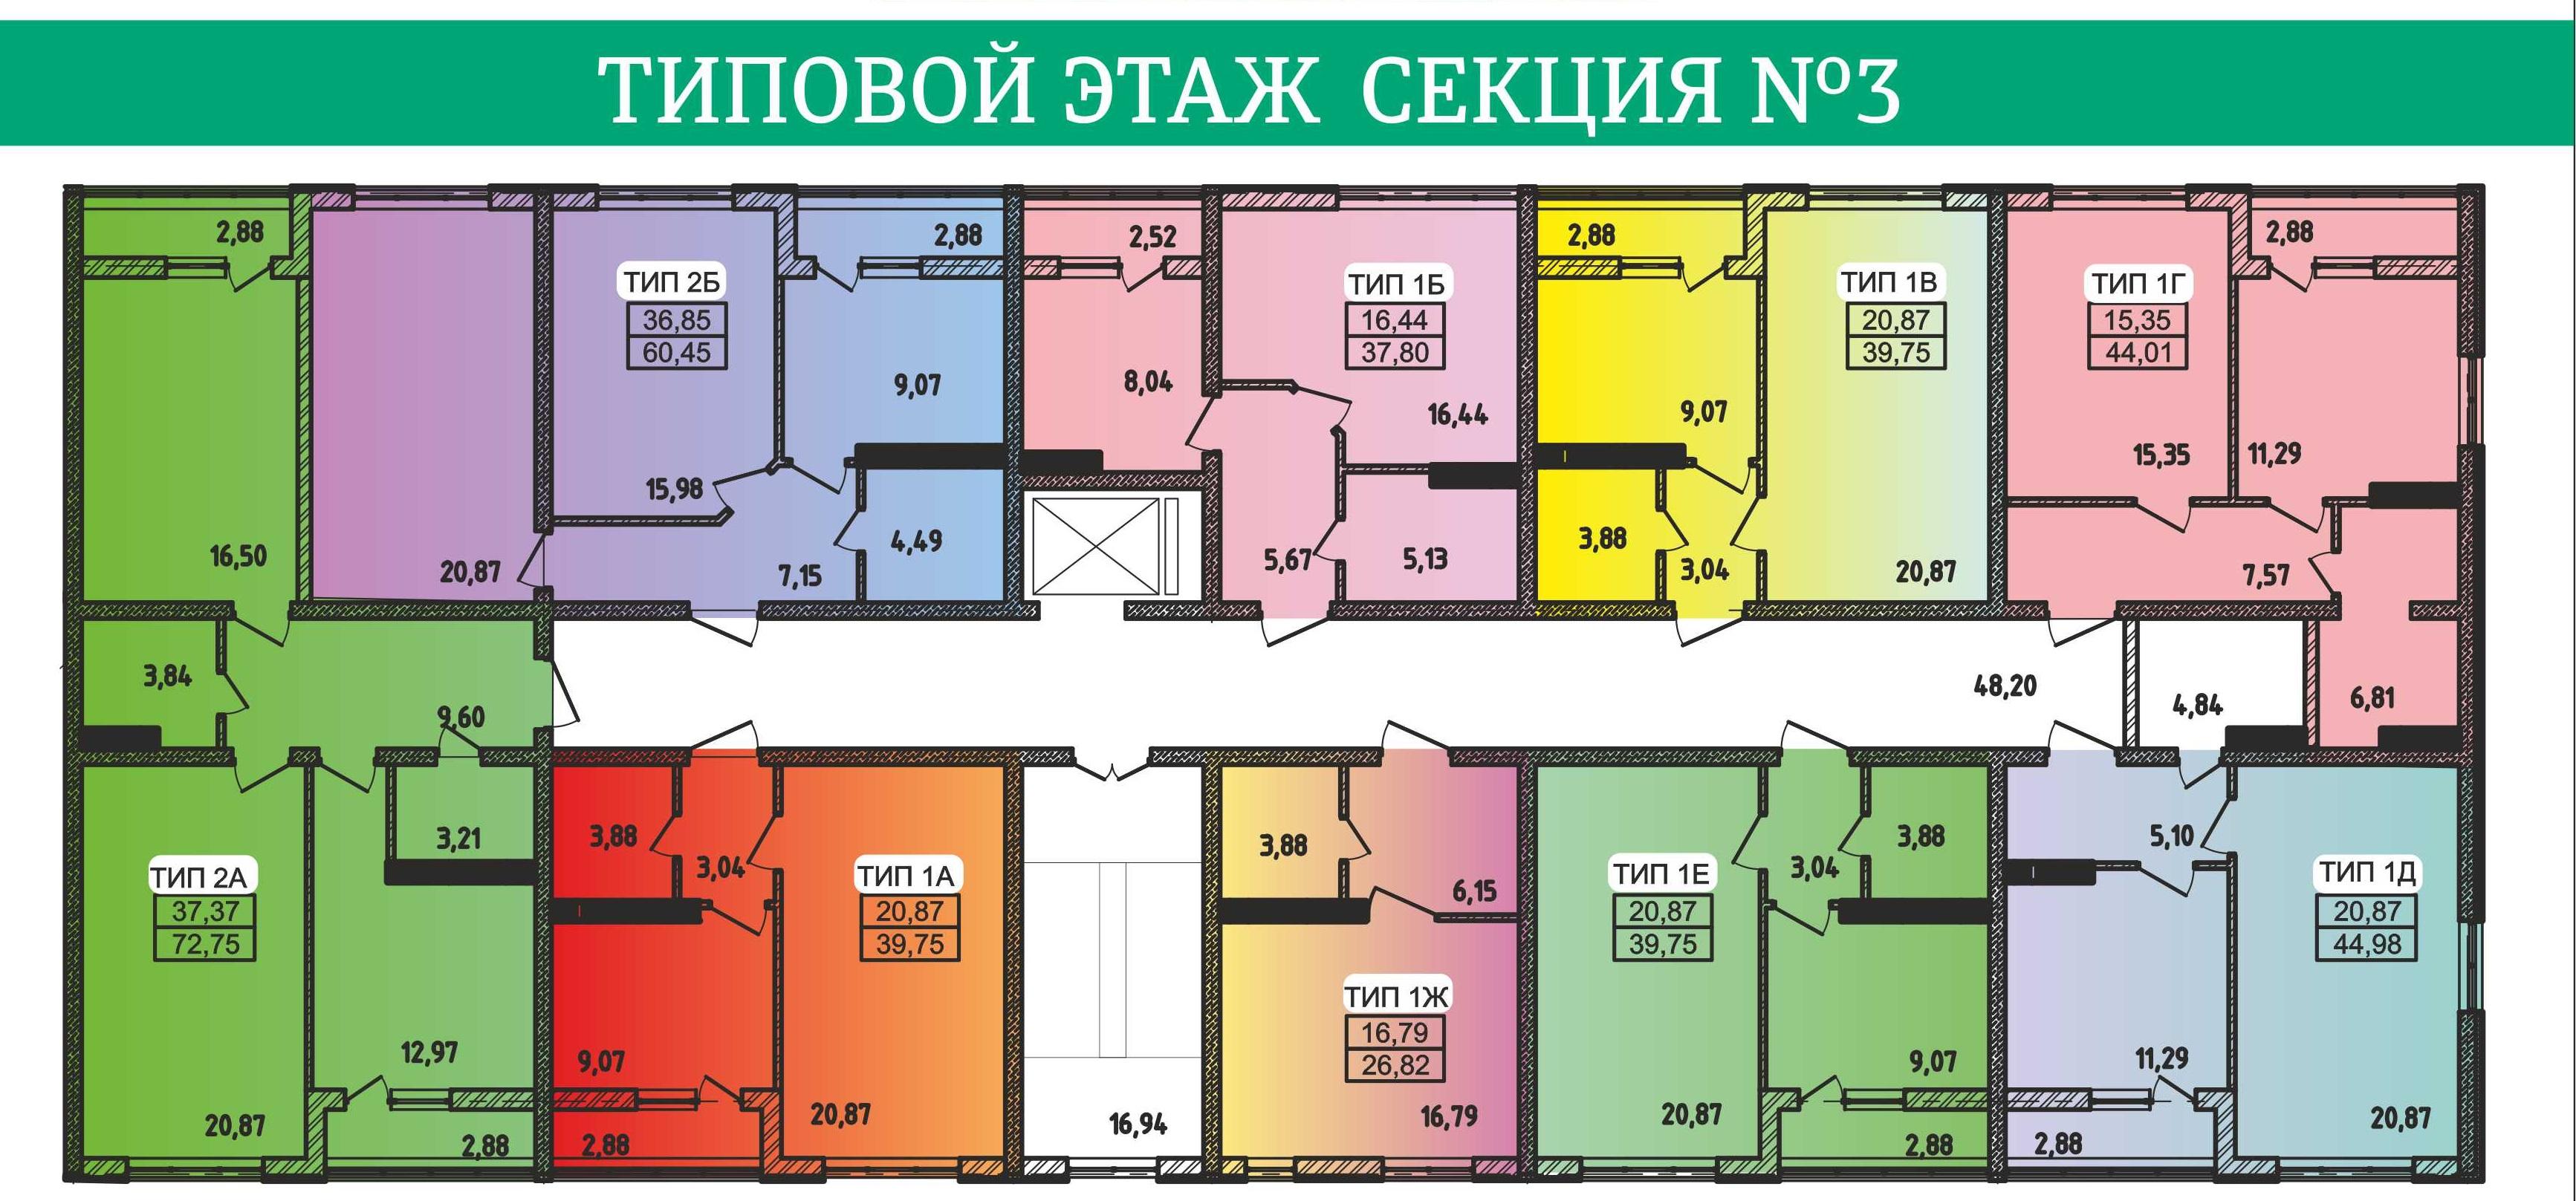 ЖК Сити Парк план типового этажа секция 3